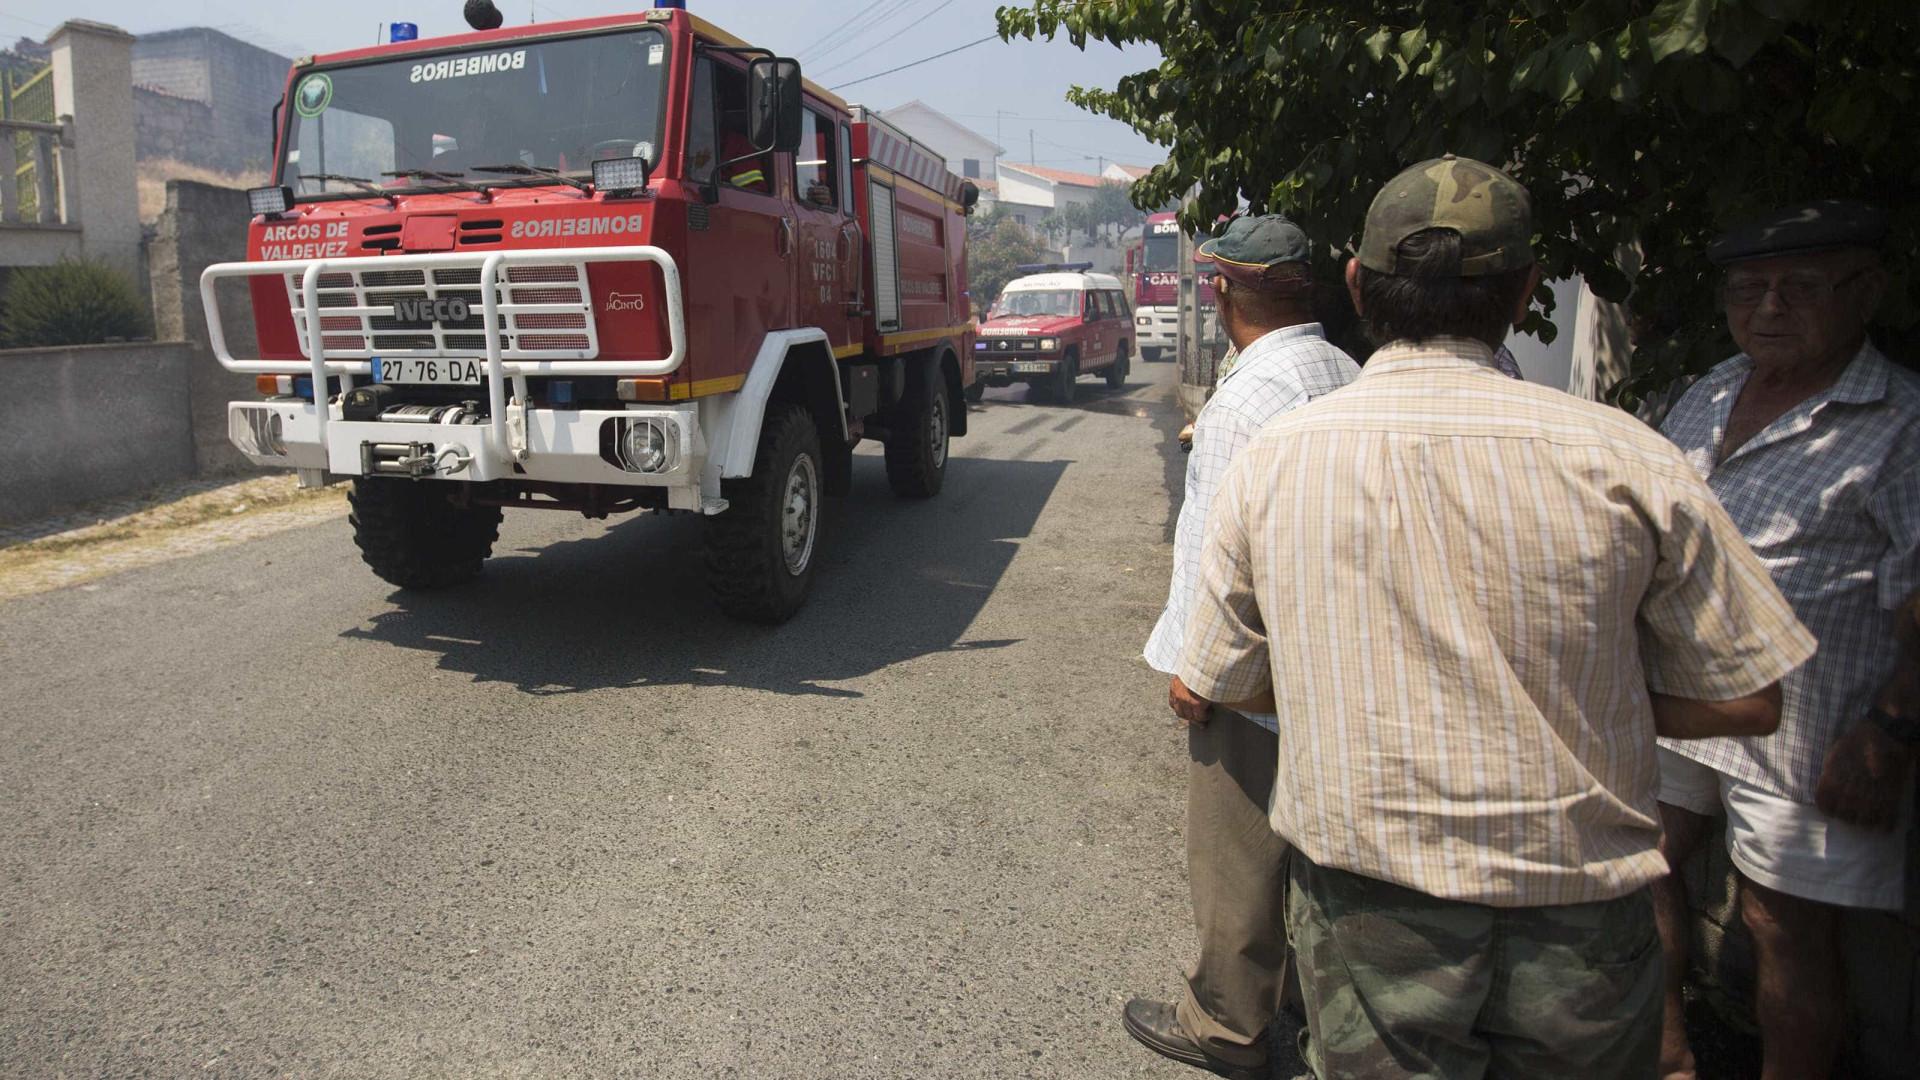 Fogo em Oleiros obrigou à evacuação de alguns lugares por precaução